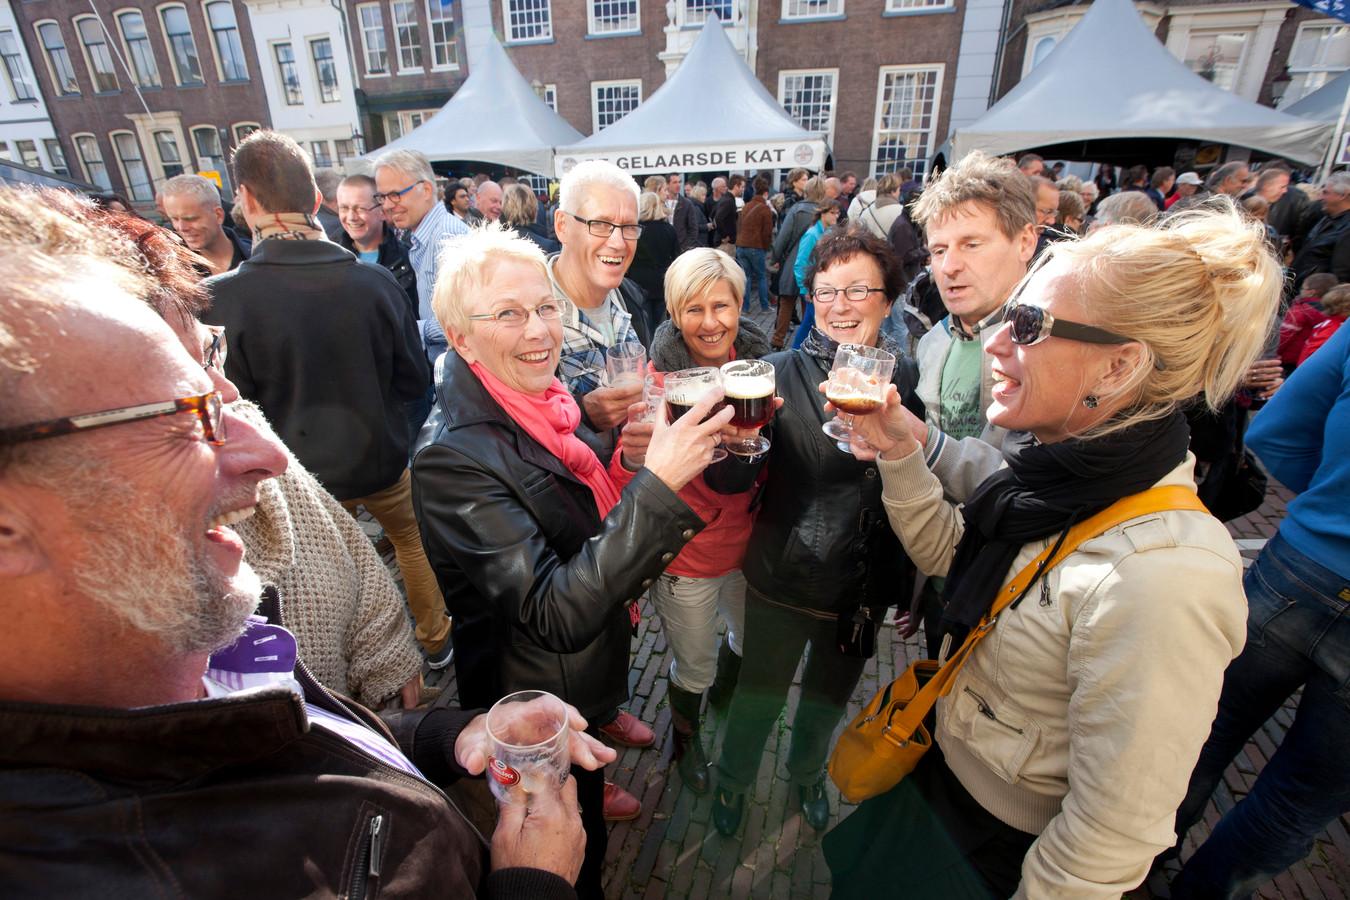 Bokbierdag in Zutphen